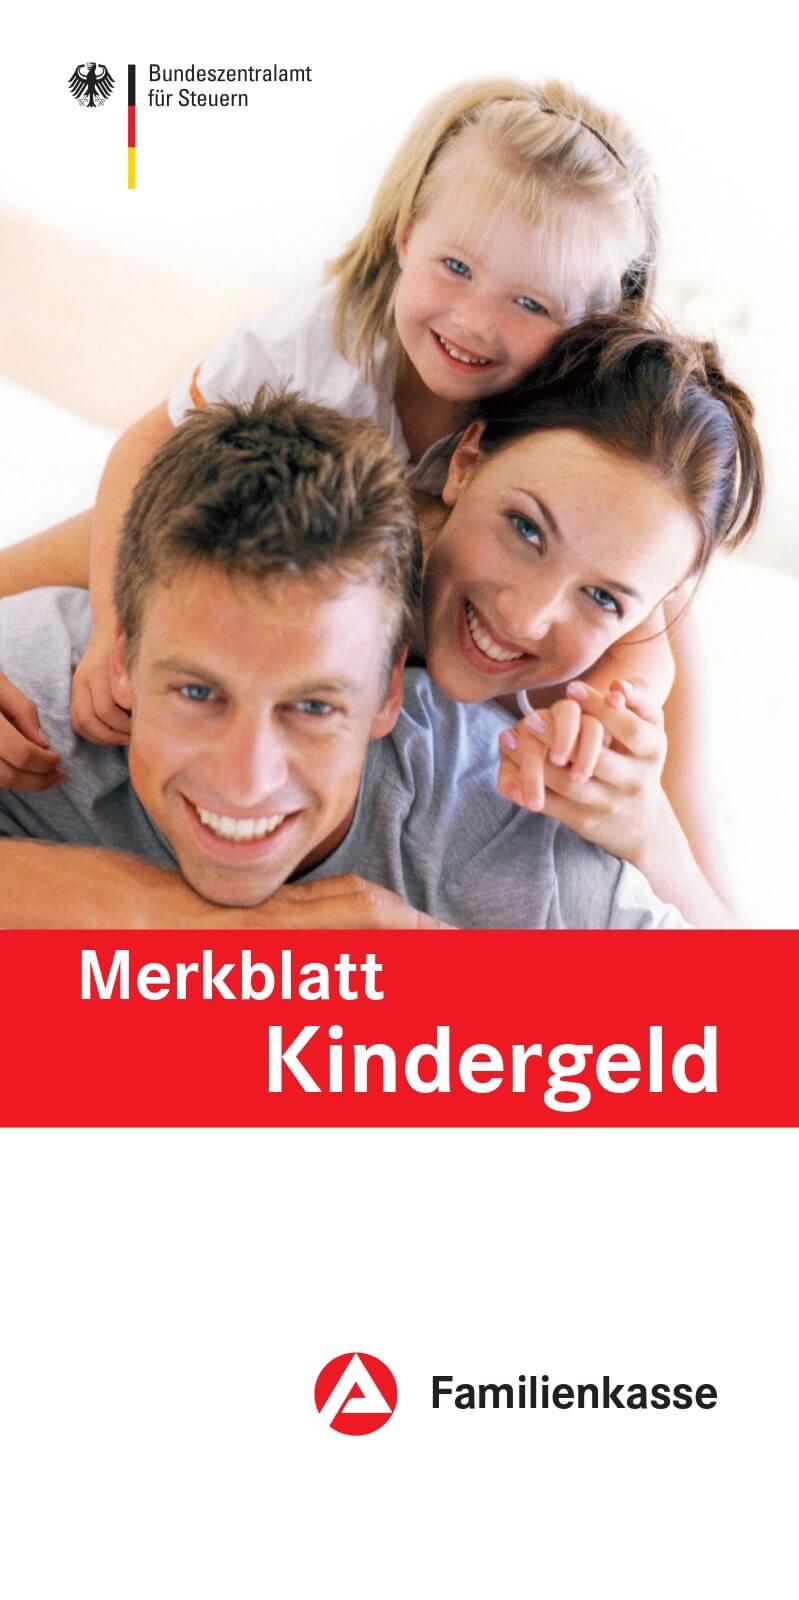 Merkblatt Kindergeld Broschüre (c) bmfsfj.de